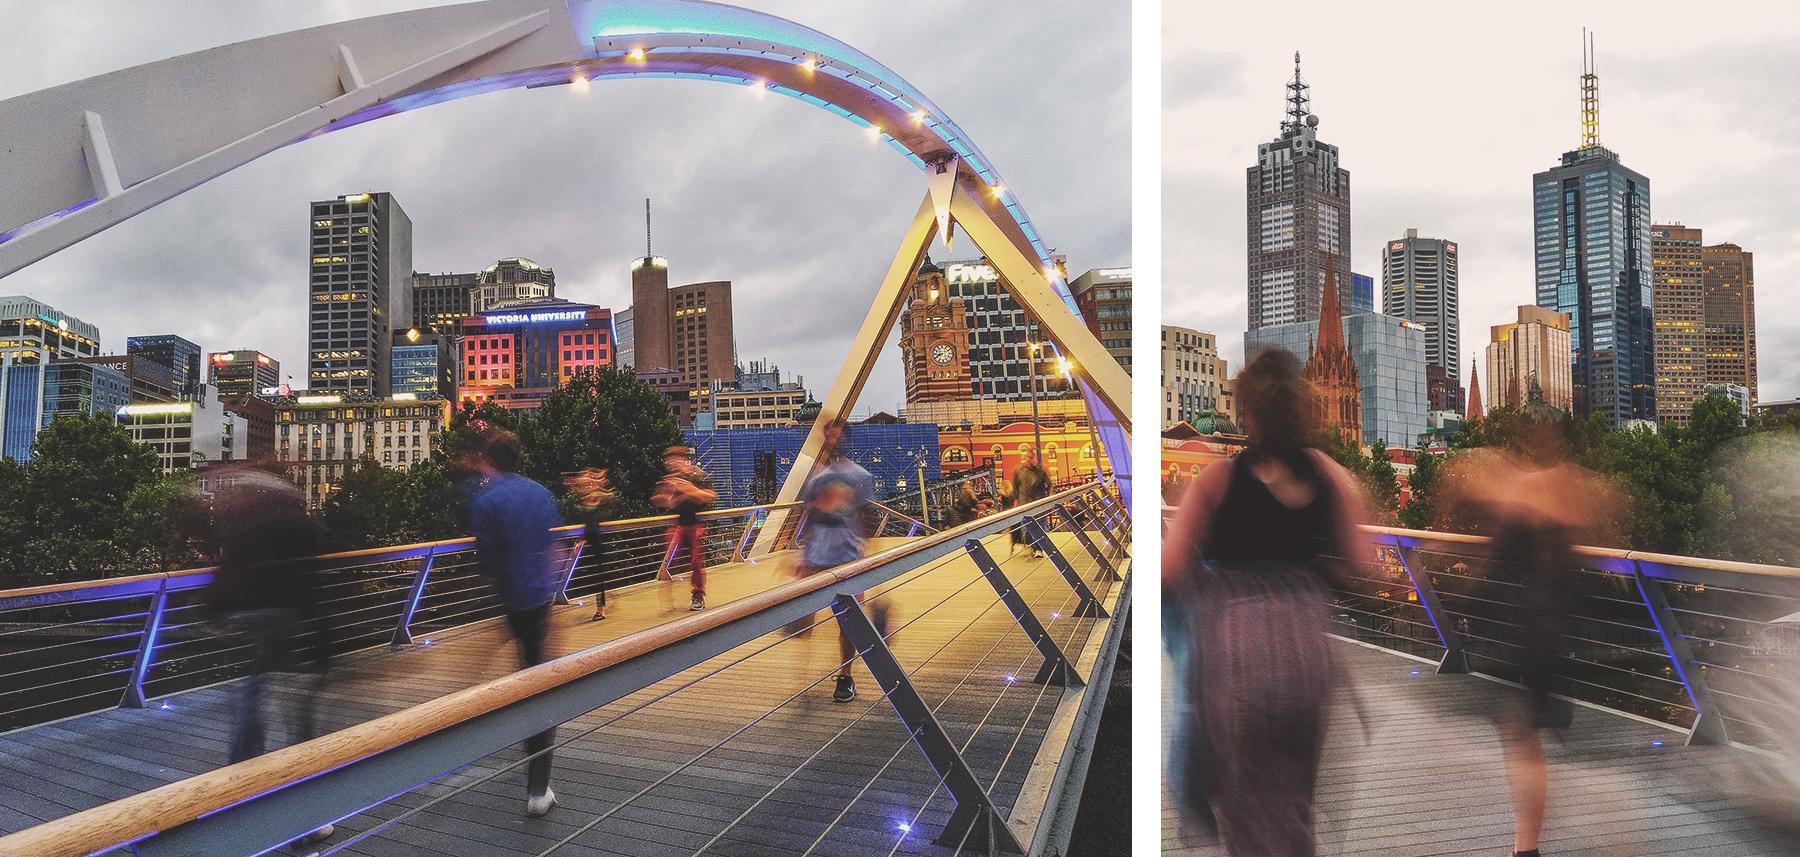 AUSTRALIA i piękne zdjęcia zrobione smartfonem czyli jak robić piękne zdjęcia smartfonem